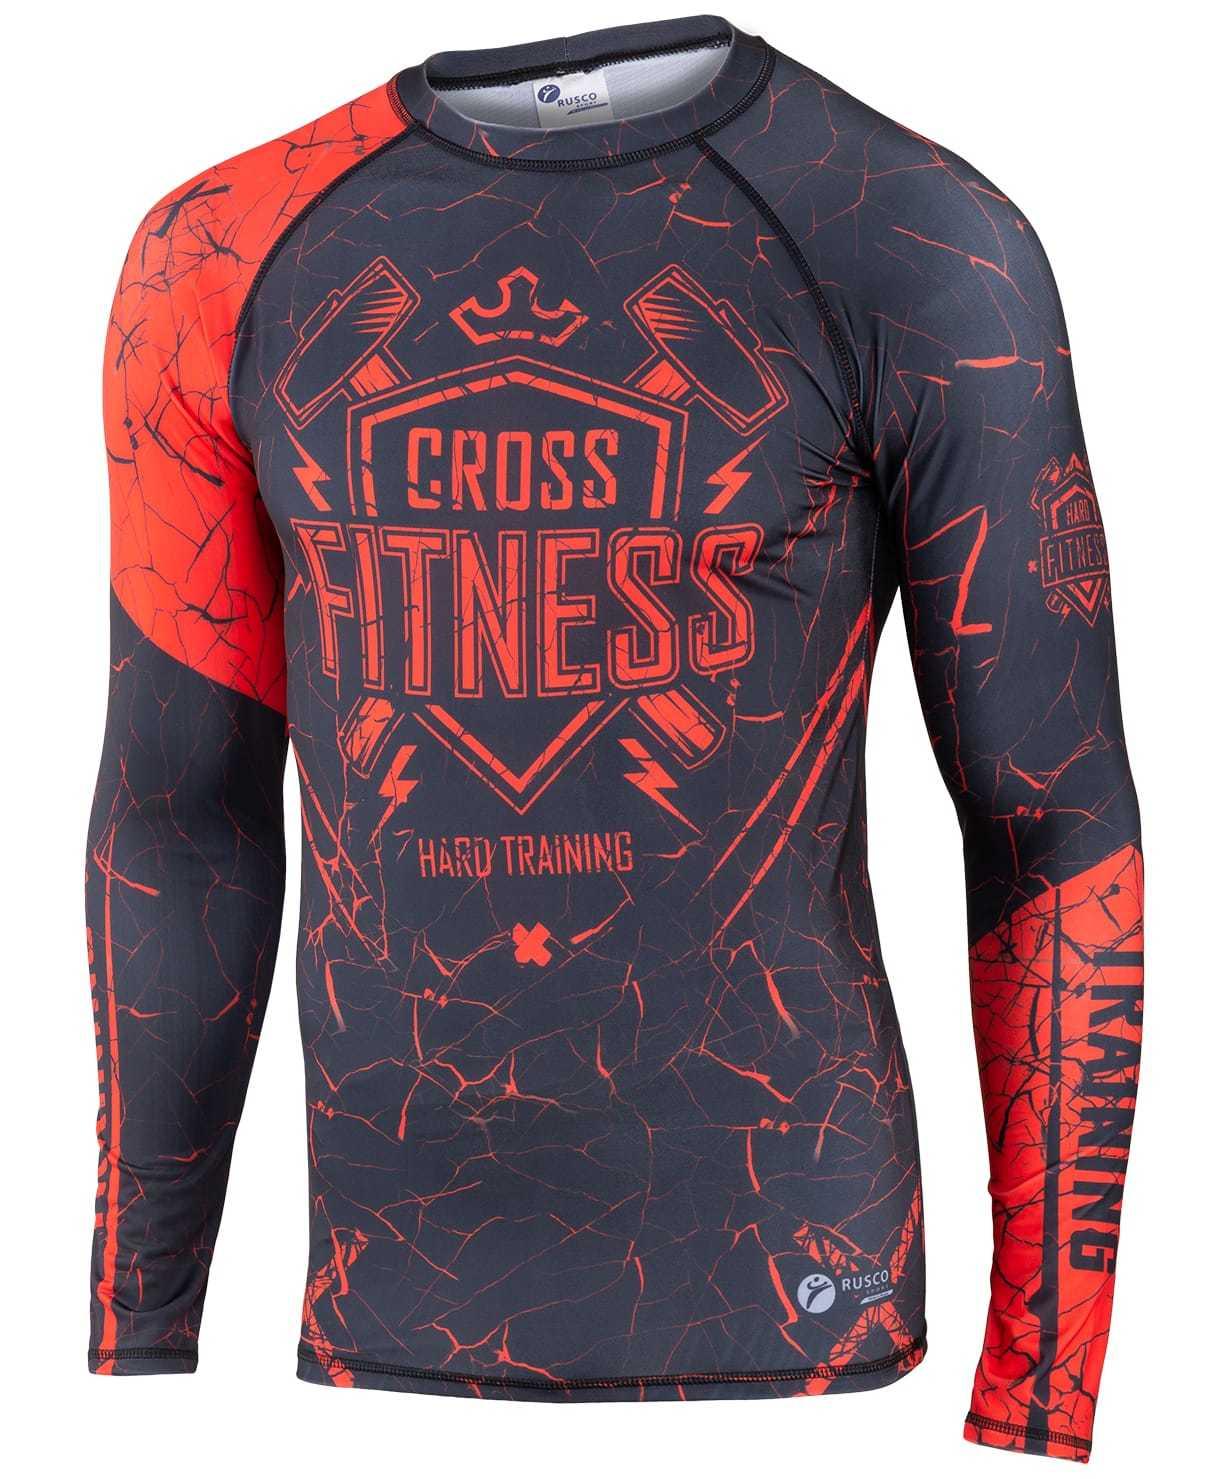 Рашгарды и шорты Рашгард для MMA Cross Fitness, взрослый 7e7a1a0f63f855216904b79798119486.jpg